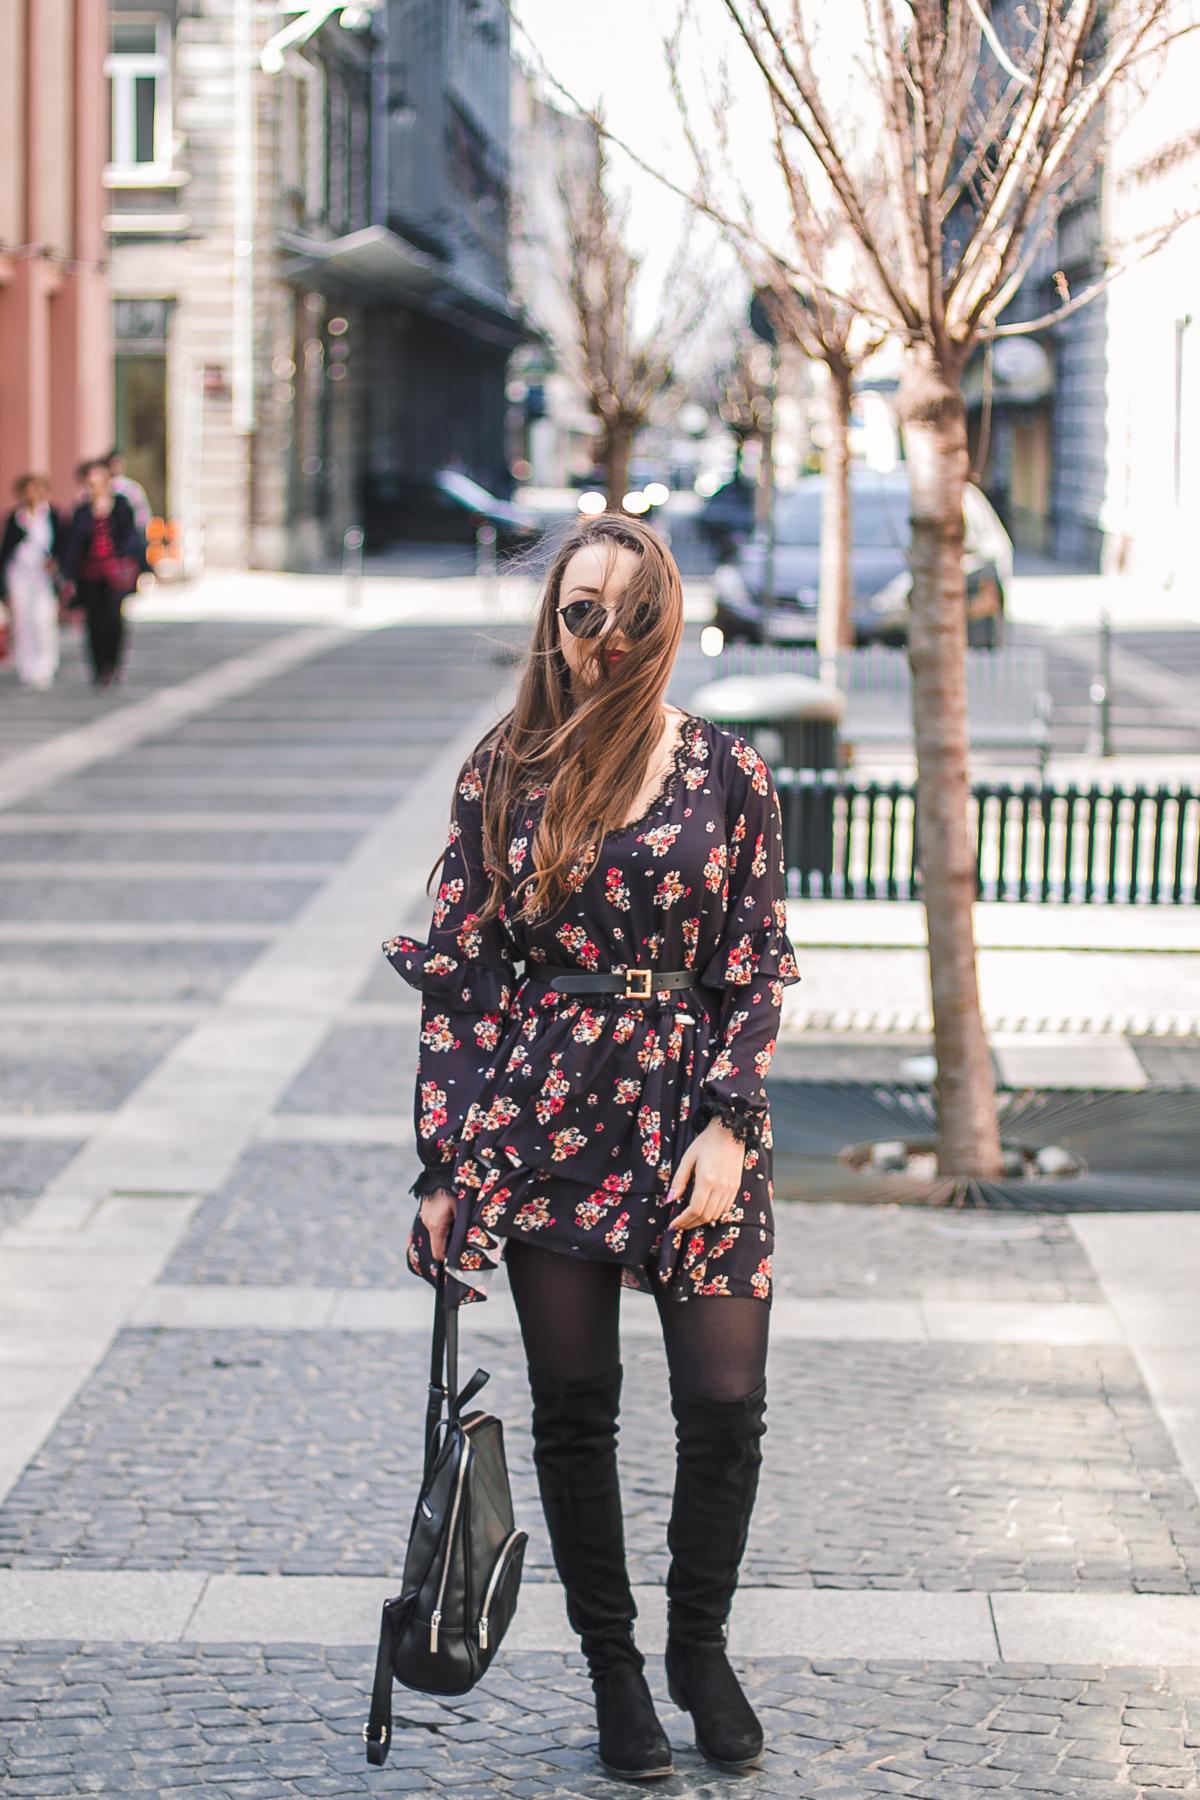 sukienka-w-kwiaty-stylizacja-2.jpg